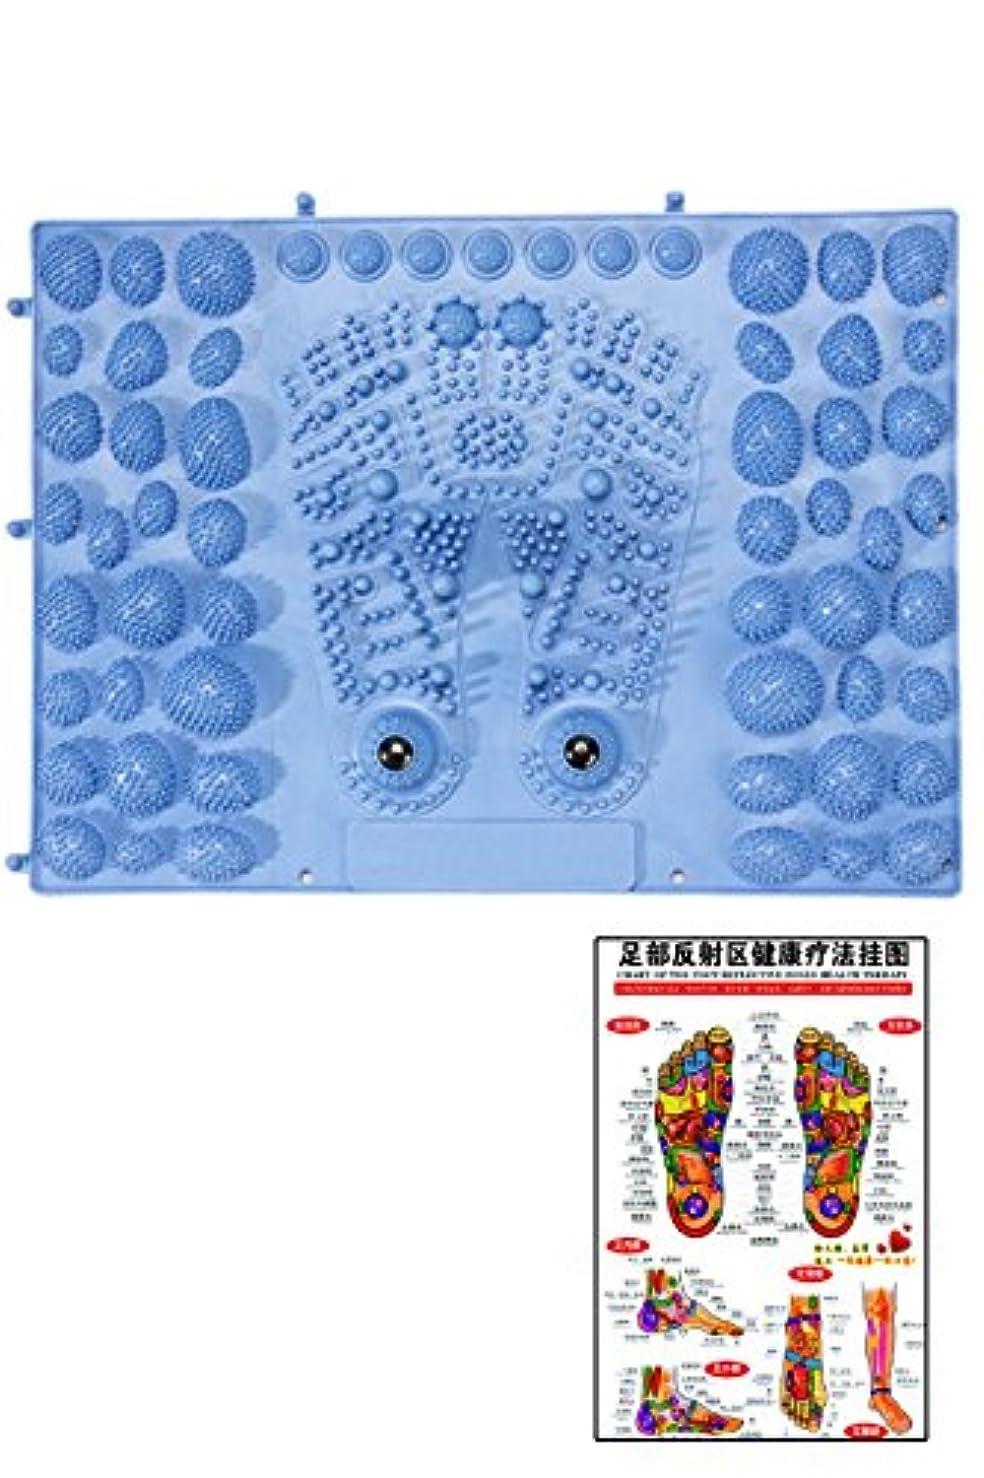 二十軽く輸血(POMAIKAI) 足型 足ツボ 健康 マット ダイエット 足裏マッサージ 反射区 マップ セット (ブルー)